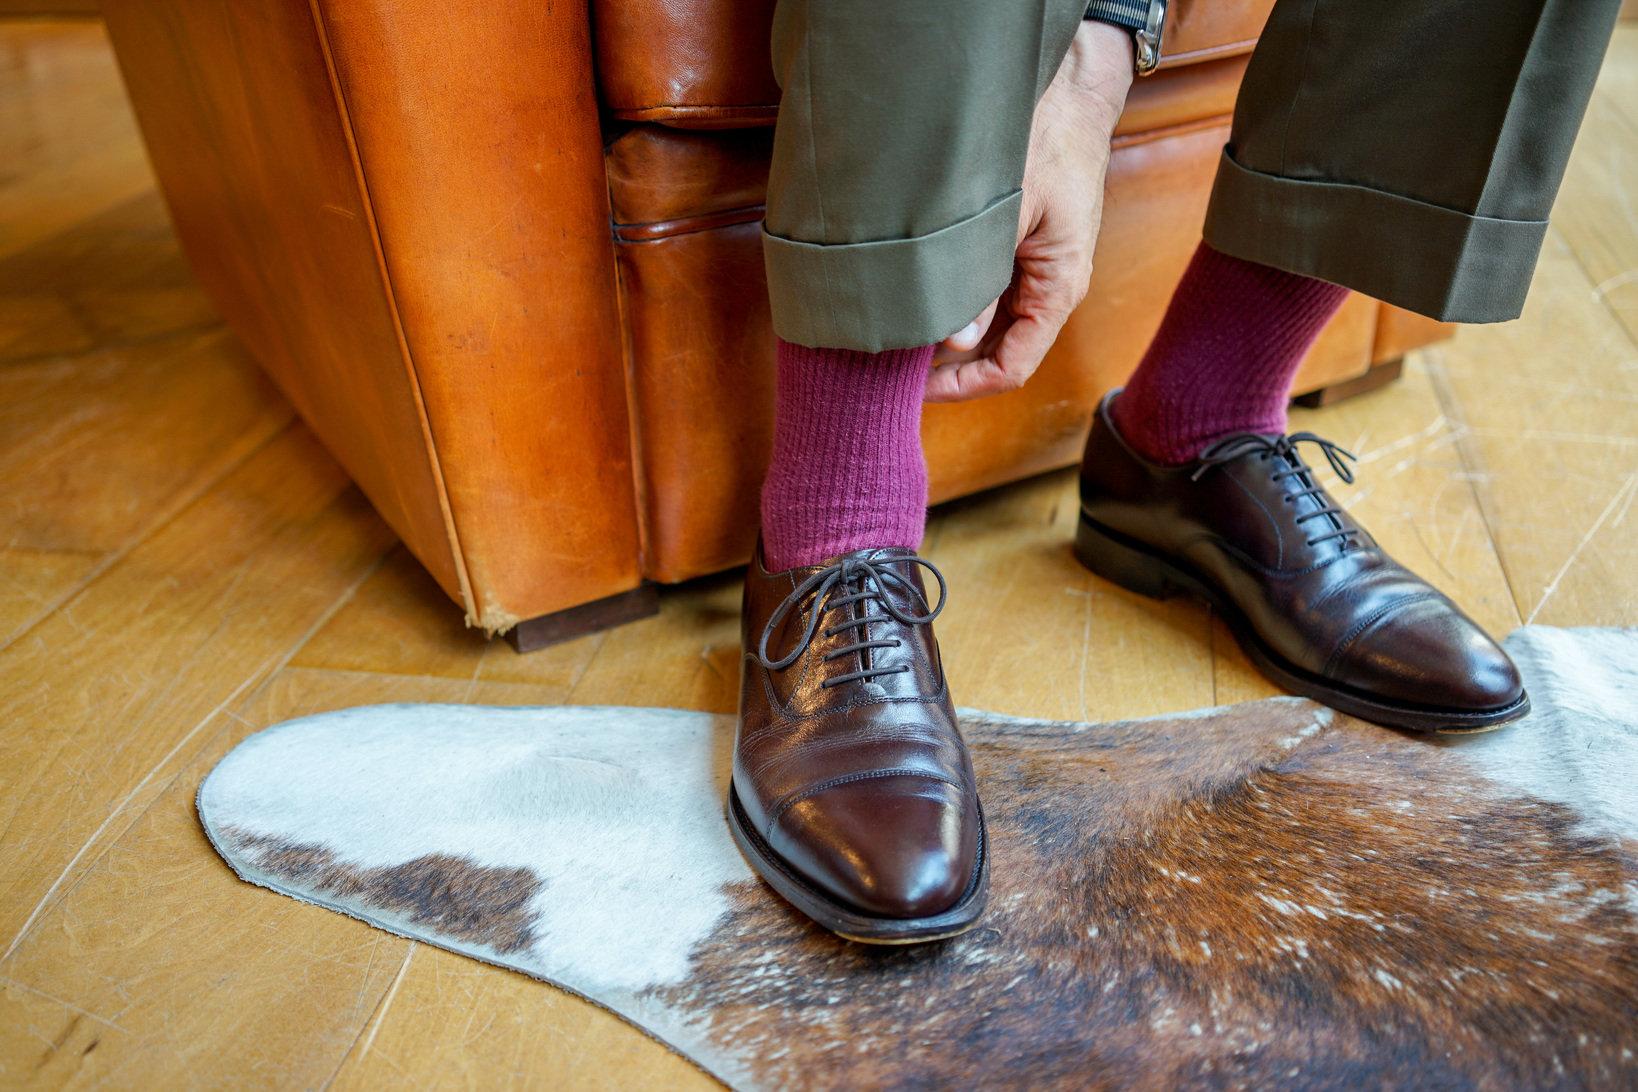 銀座の紳士靴店「ロイドフットウェア」がジョセフ チーニーに別注した紳士靴。木型はセミスクエアタイプのラスト89。「買ったときにはダークブラウンだったはずなんだけど、靴クリームを塗り比べたりと色々実験していたので履きジワの辺りが青白くなっています。自分の色になりました。これも味だろうと」(飯野さん)